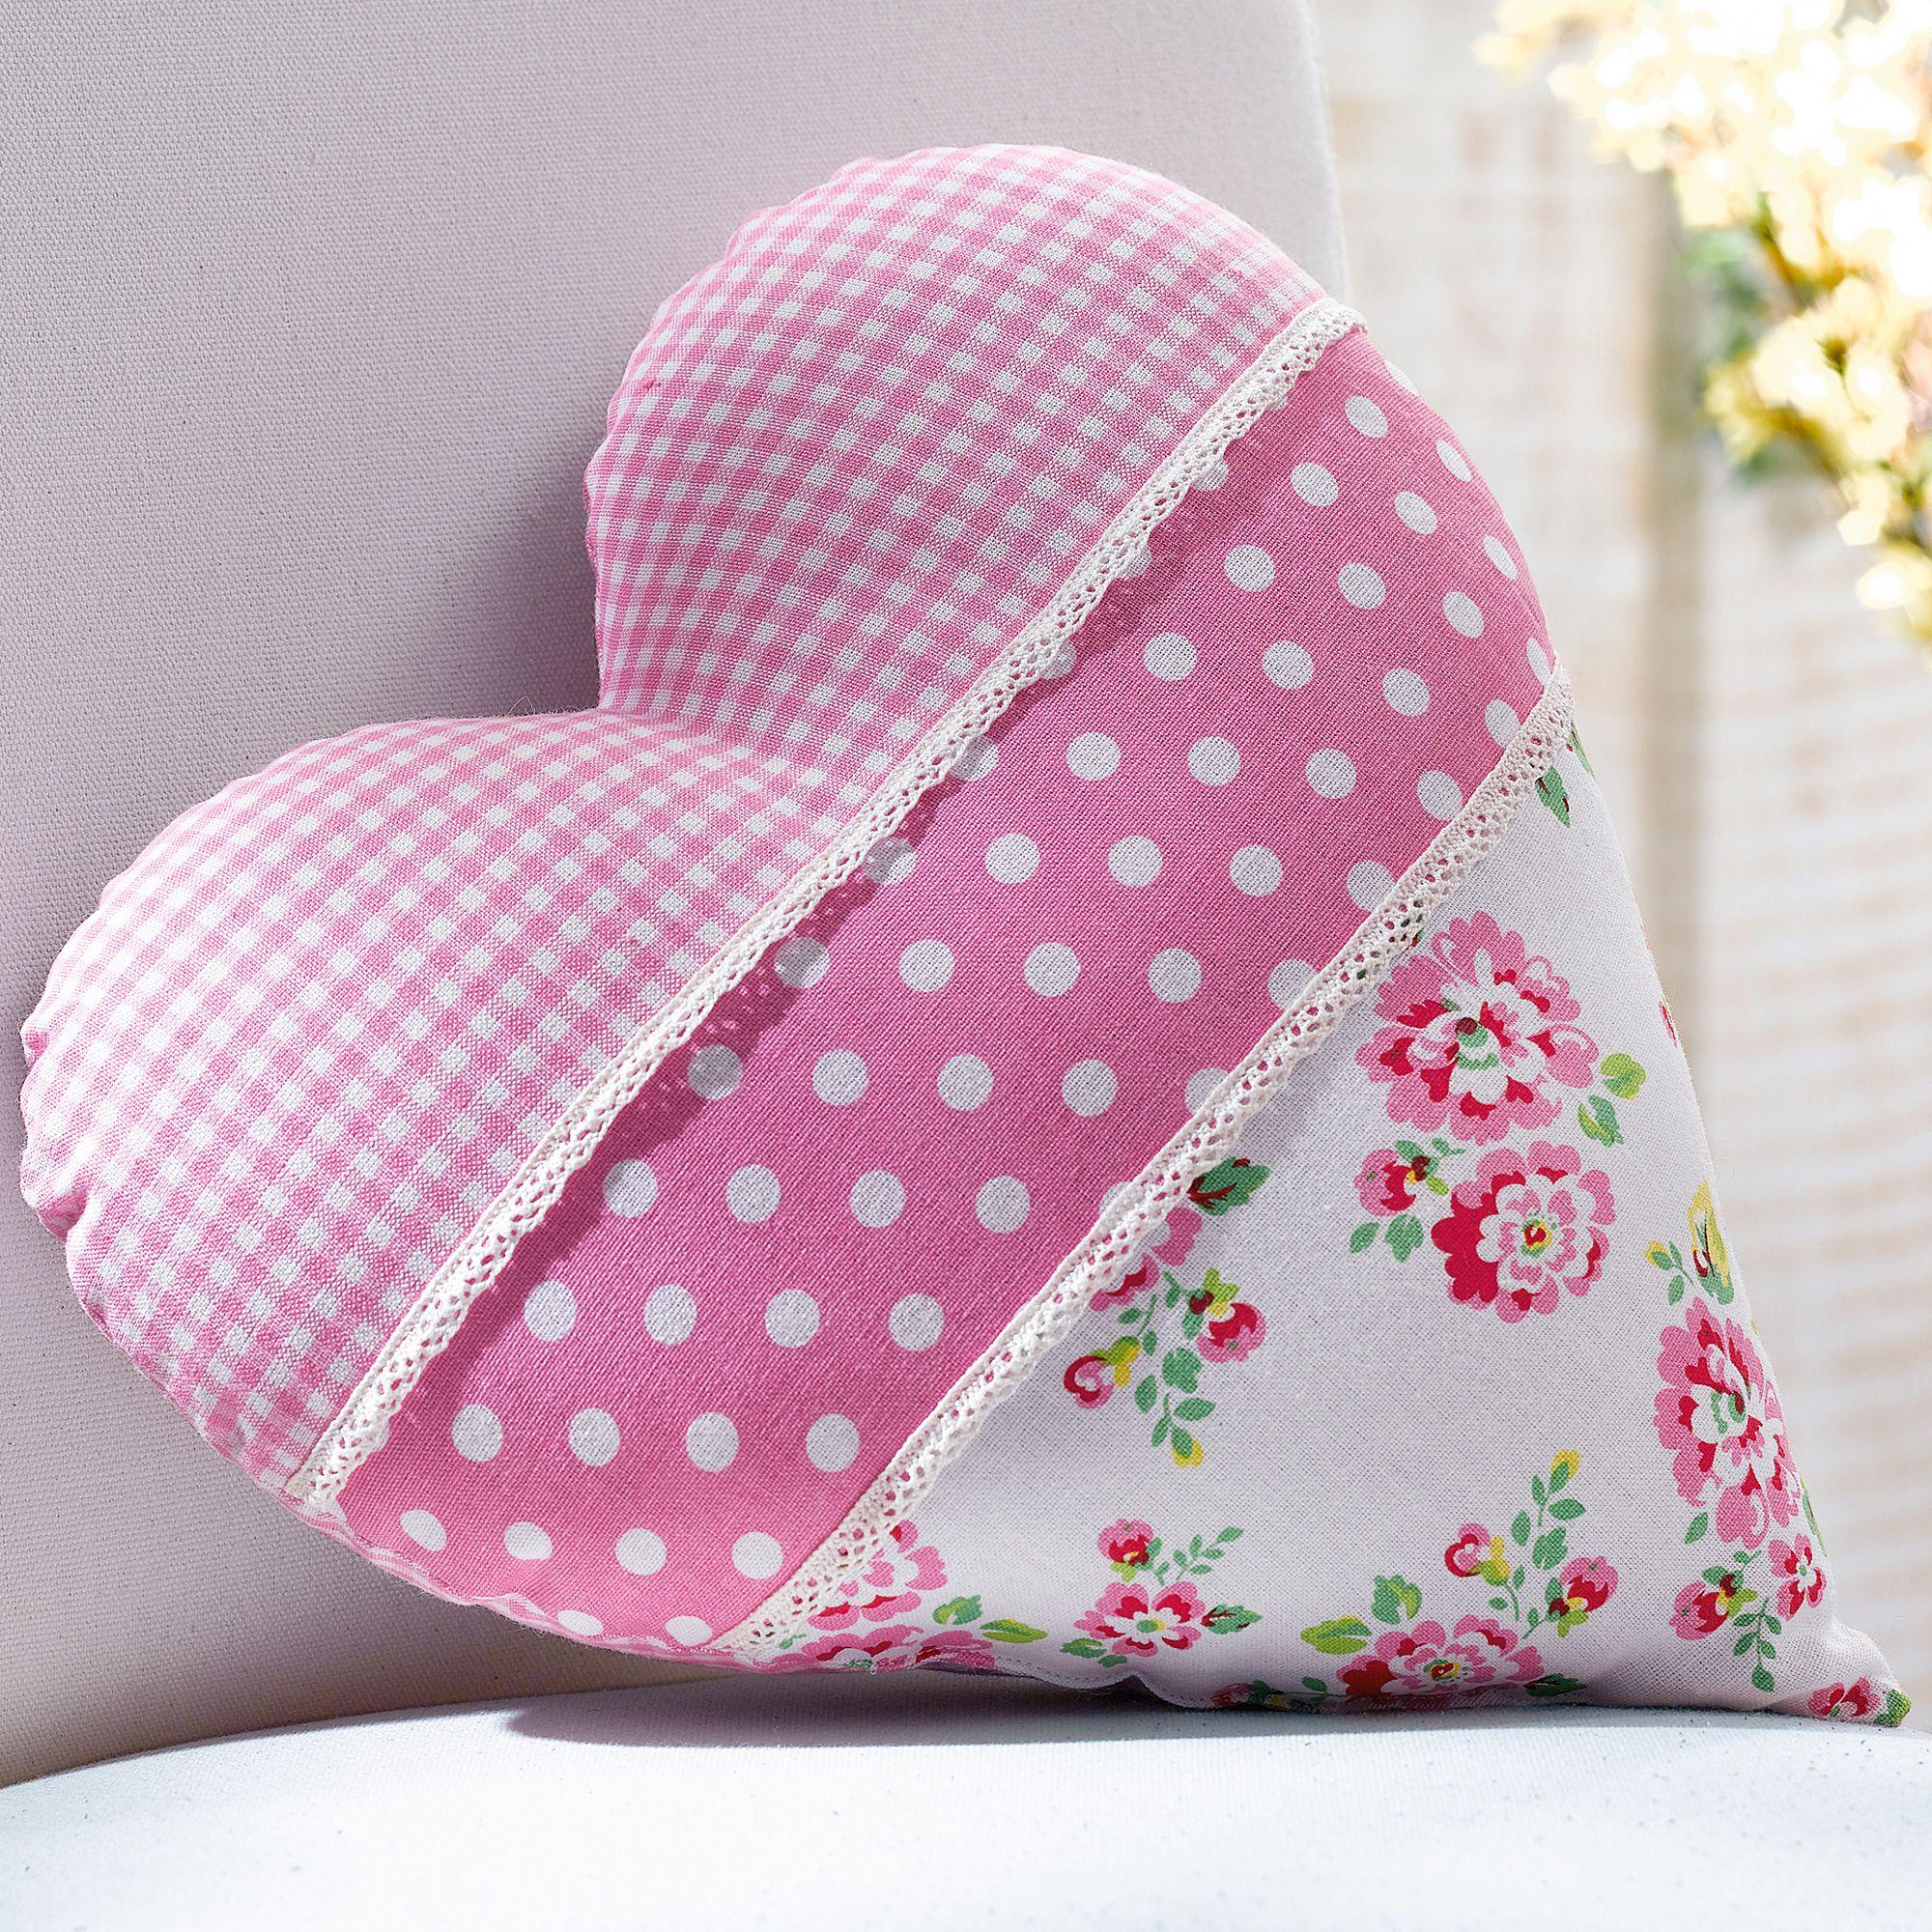 heart pillows diy und selbermachen kissen kissen n hen und n hen. Black Bedroom Furniture Sets. Home Design Ideas